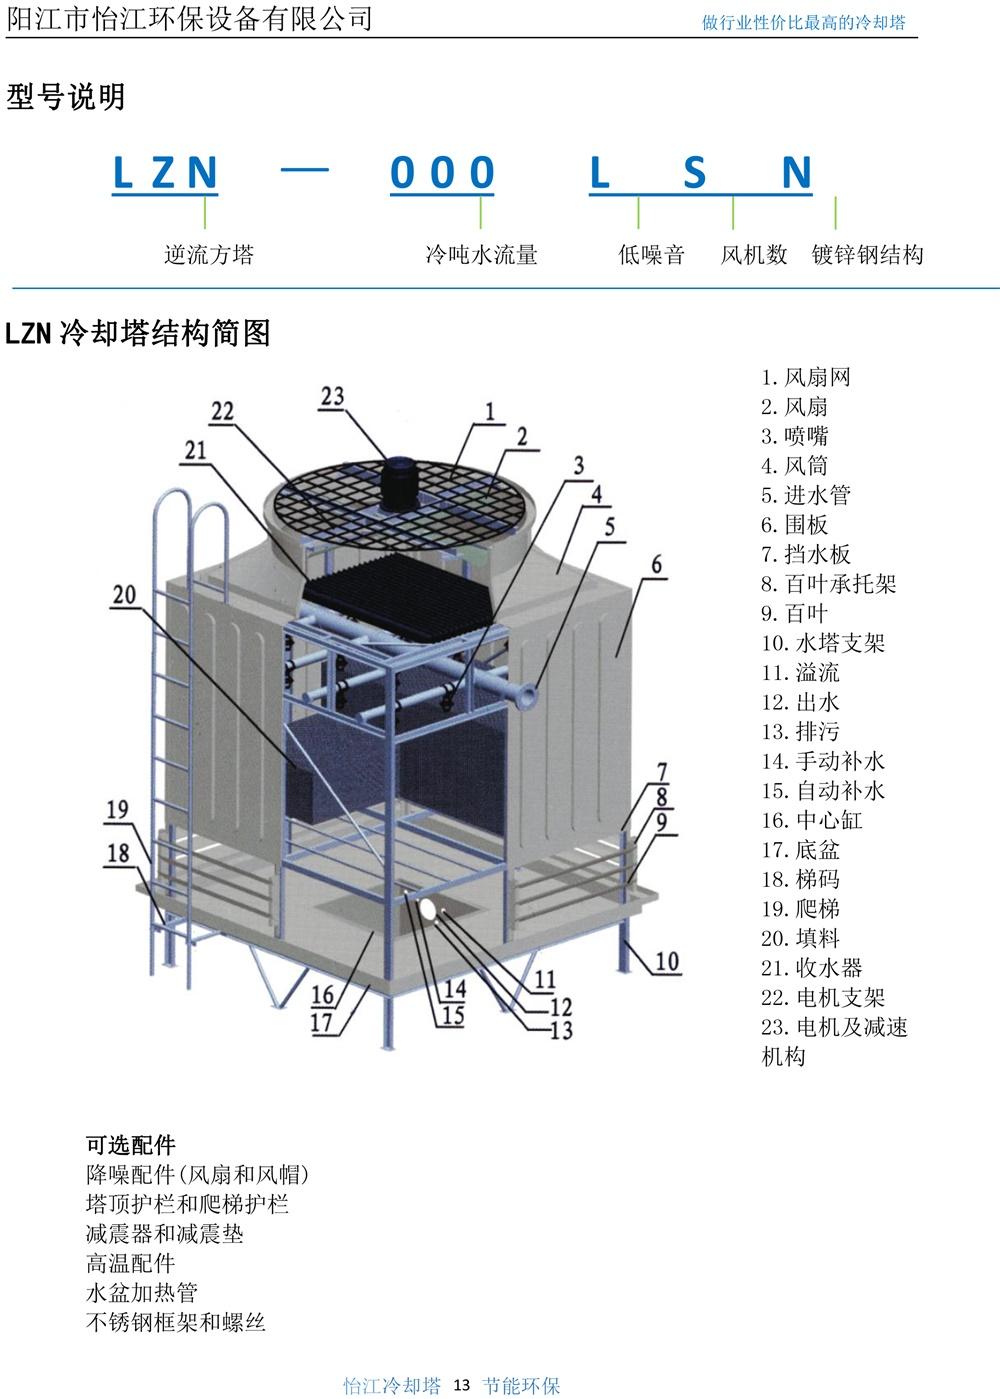 產品手冊(彩頁)3-13.jpg